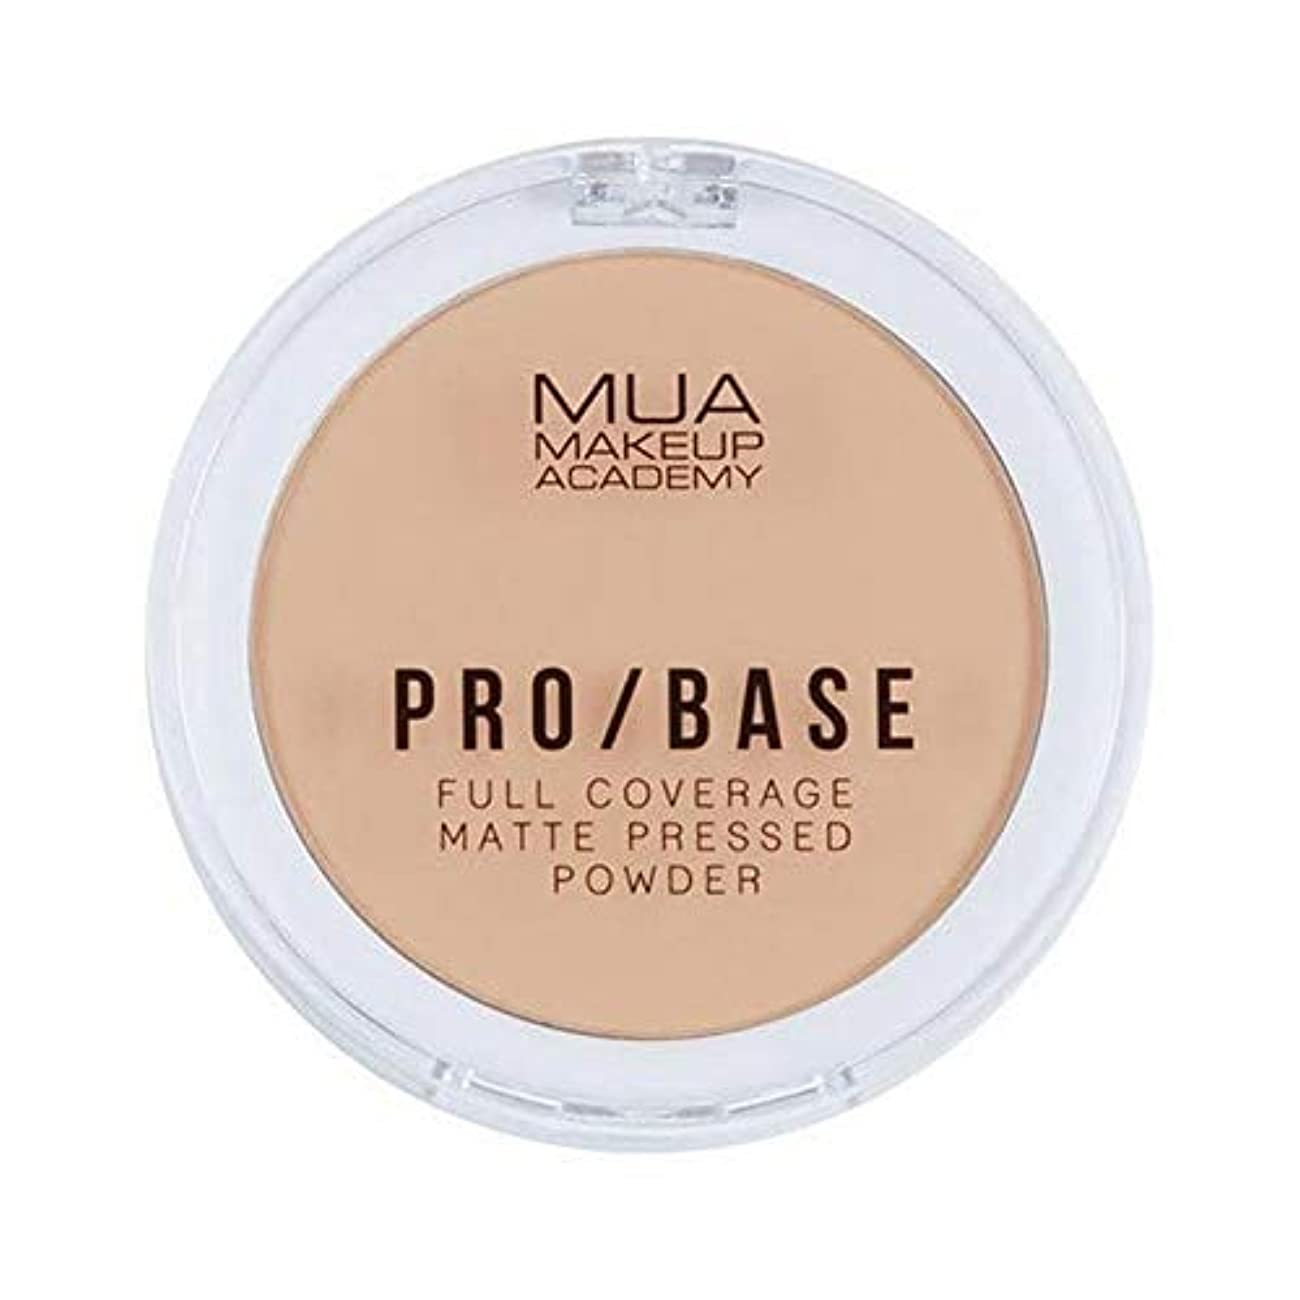 免疫するなめらかなステートメント[MUA] Muaプロ/ベースのフルカバレッジマットパウダー#130 - MUA Pro/Base Full Coverage Matte Powder #130 [並行輸入品]